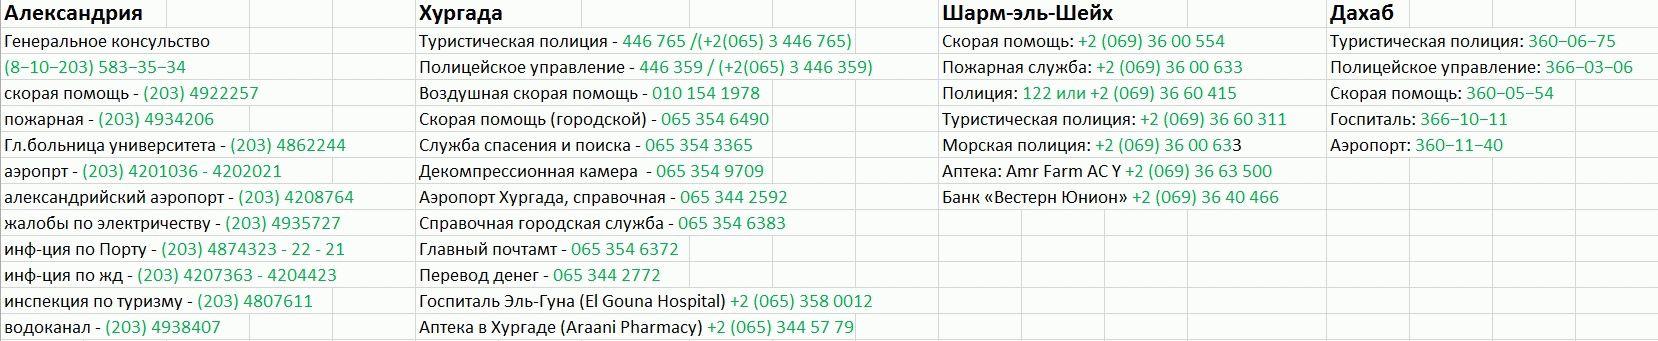 Полезные телефоны Александрии, Хургады, Шарм-эль-Шейха и Дахаба